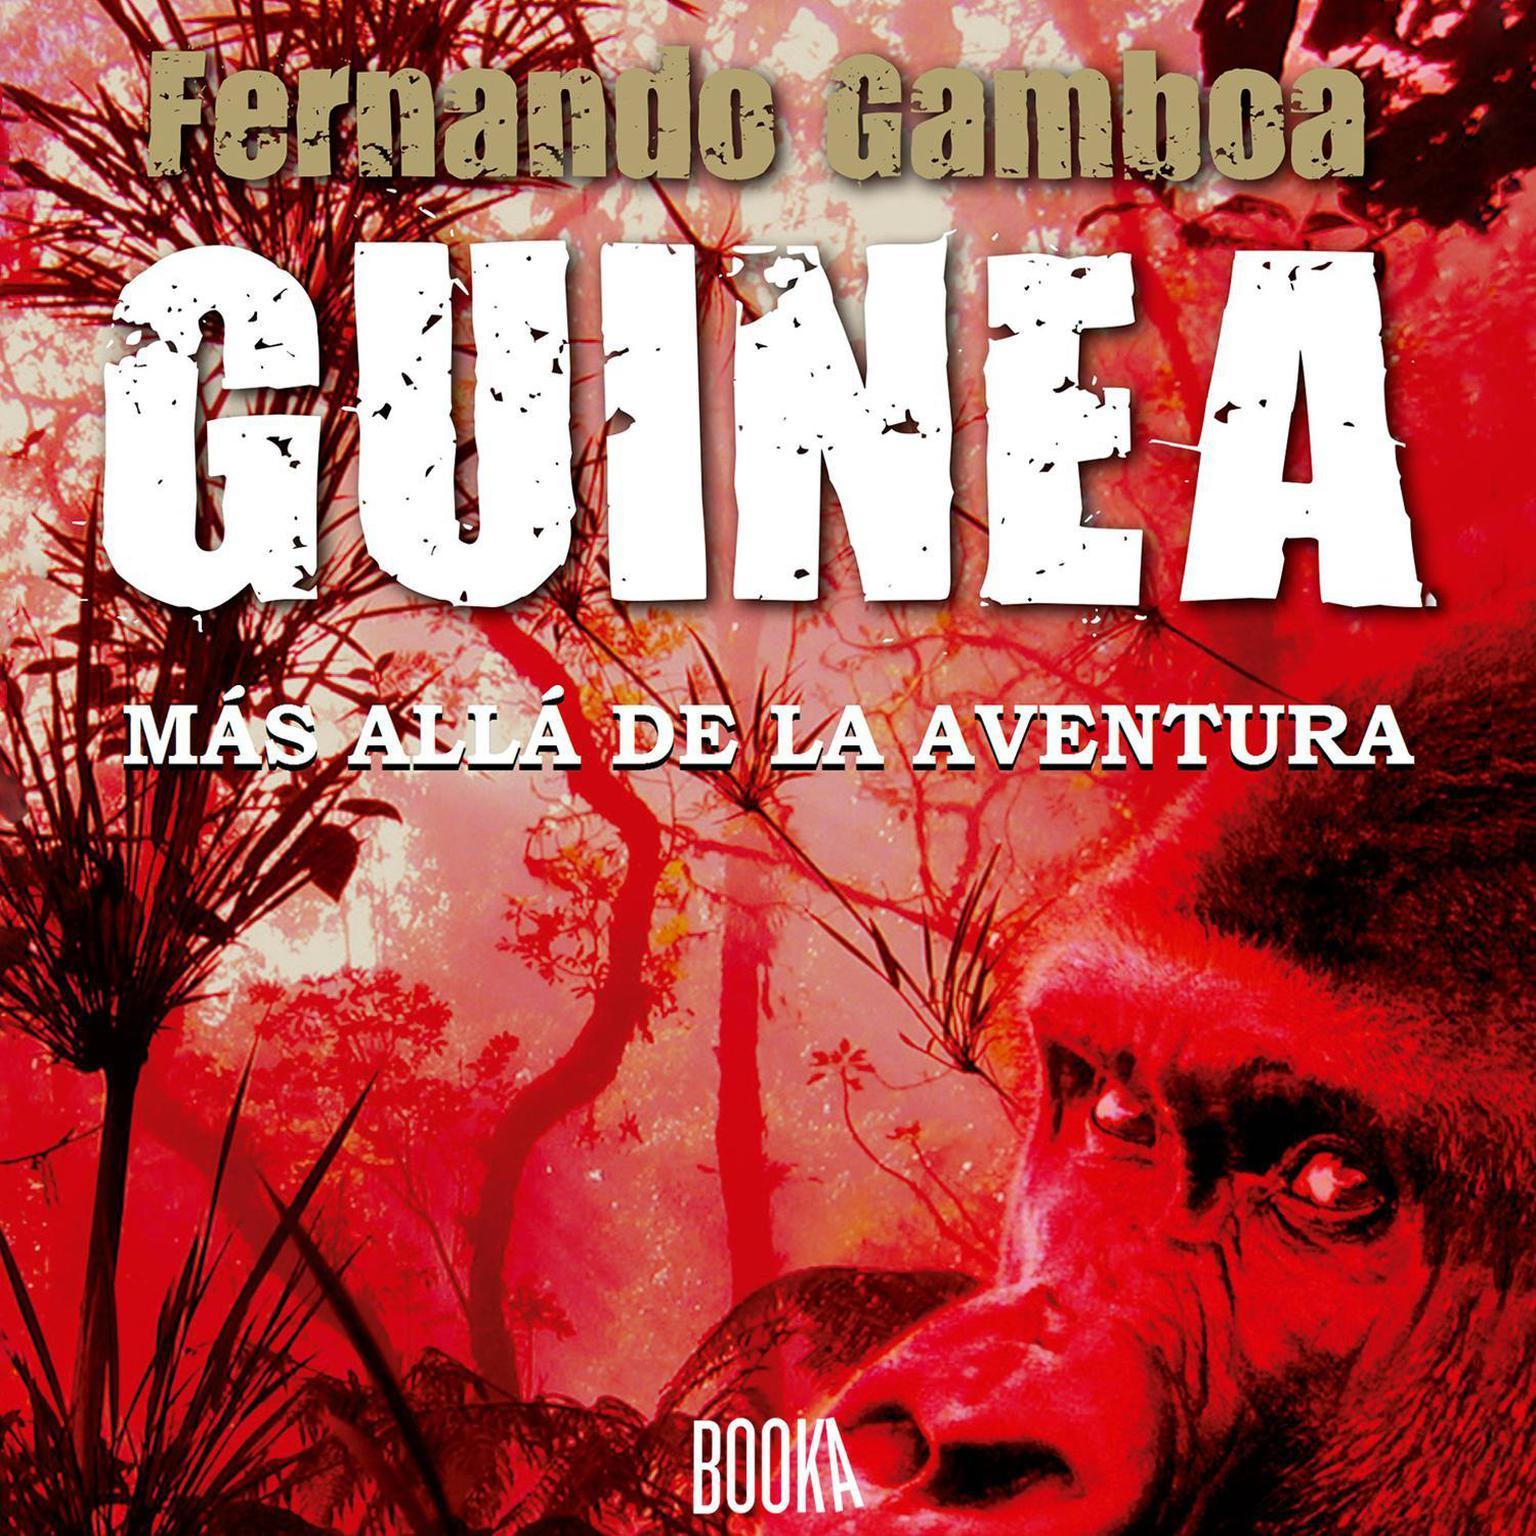 Guinea: Más allá de la aventura Audiobook, by Fernando Gamboa